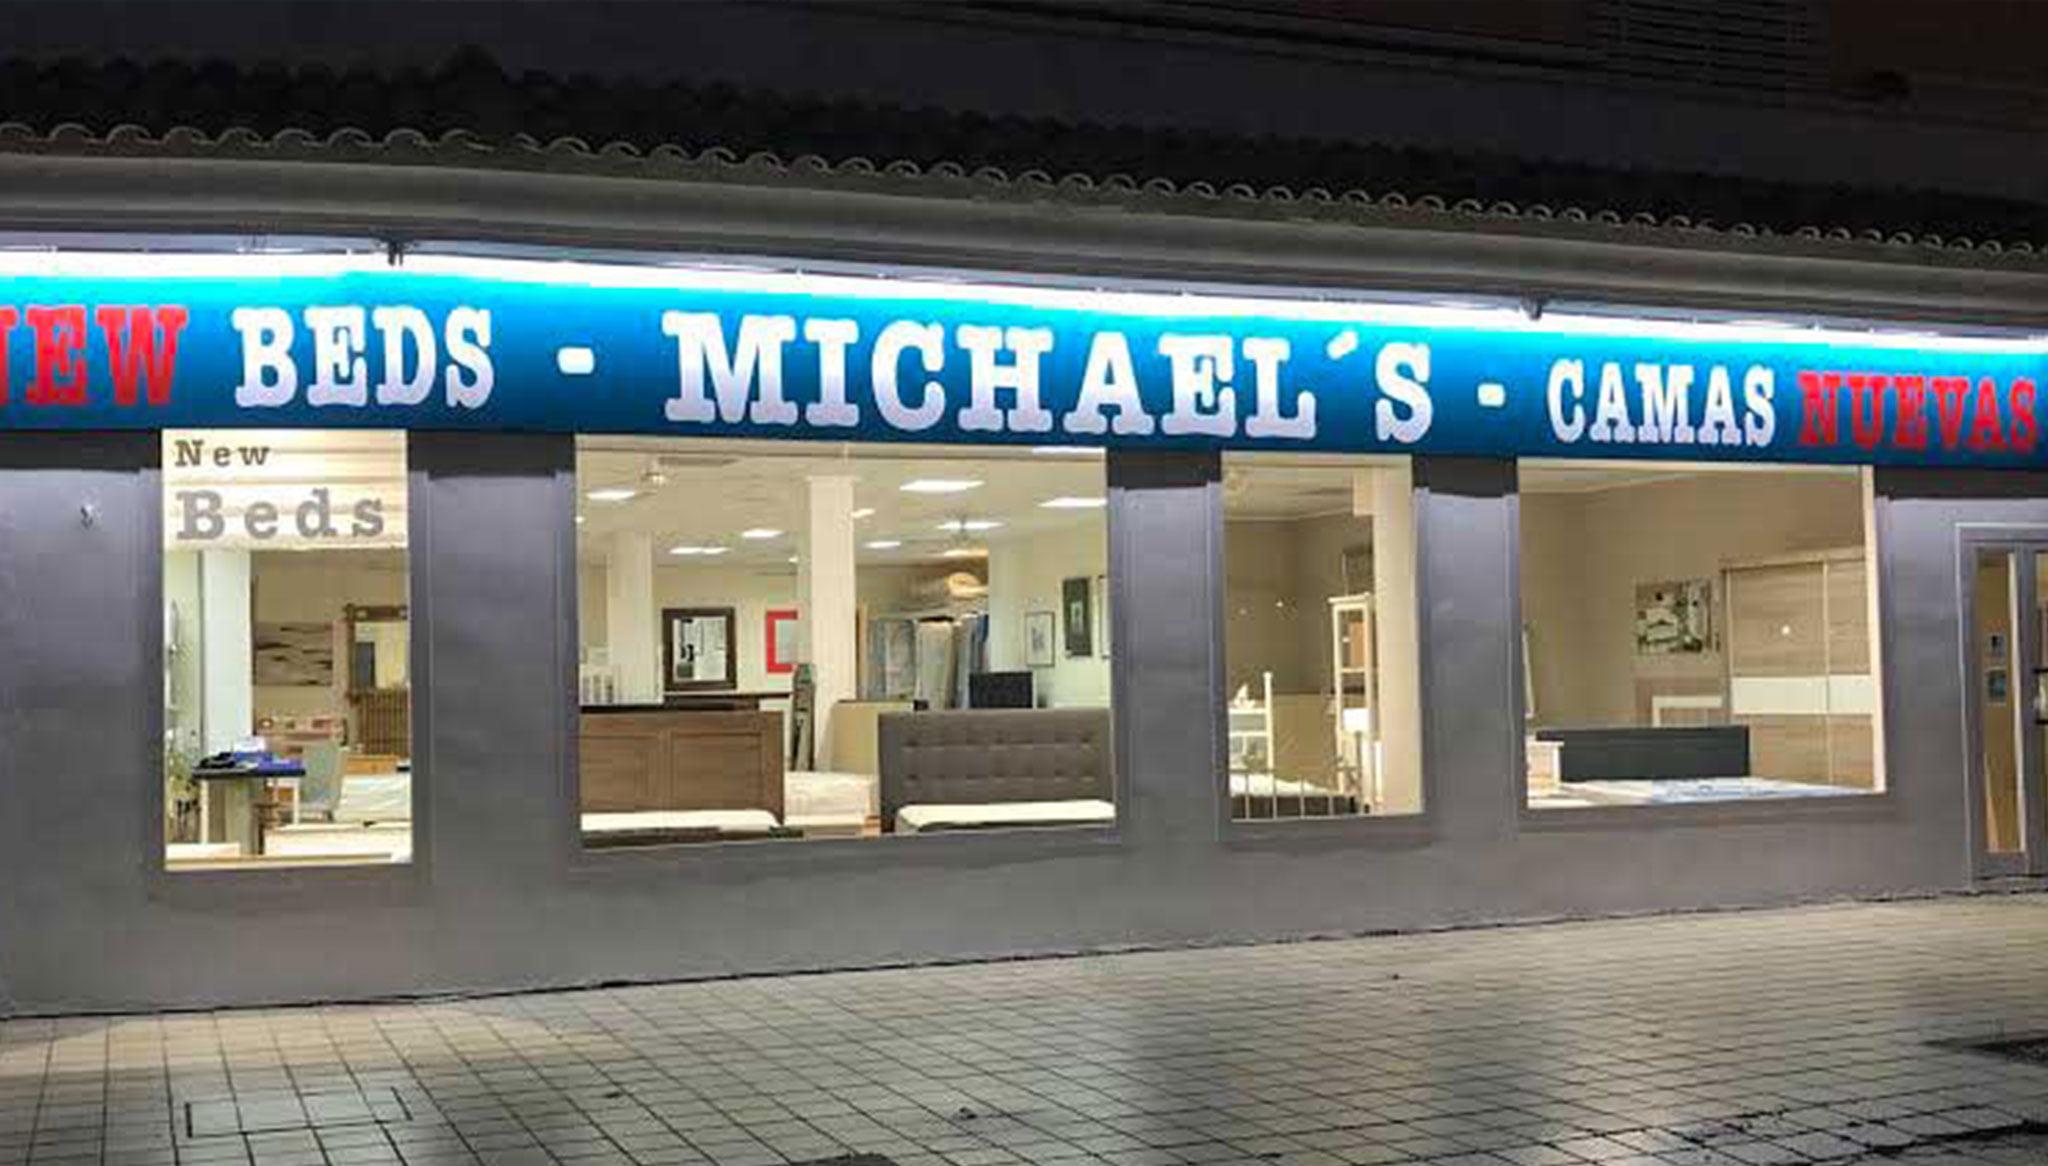 Tienda de muebles en el Arenal en Jávea – MICHAEL'S